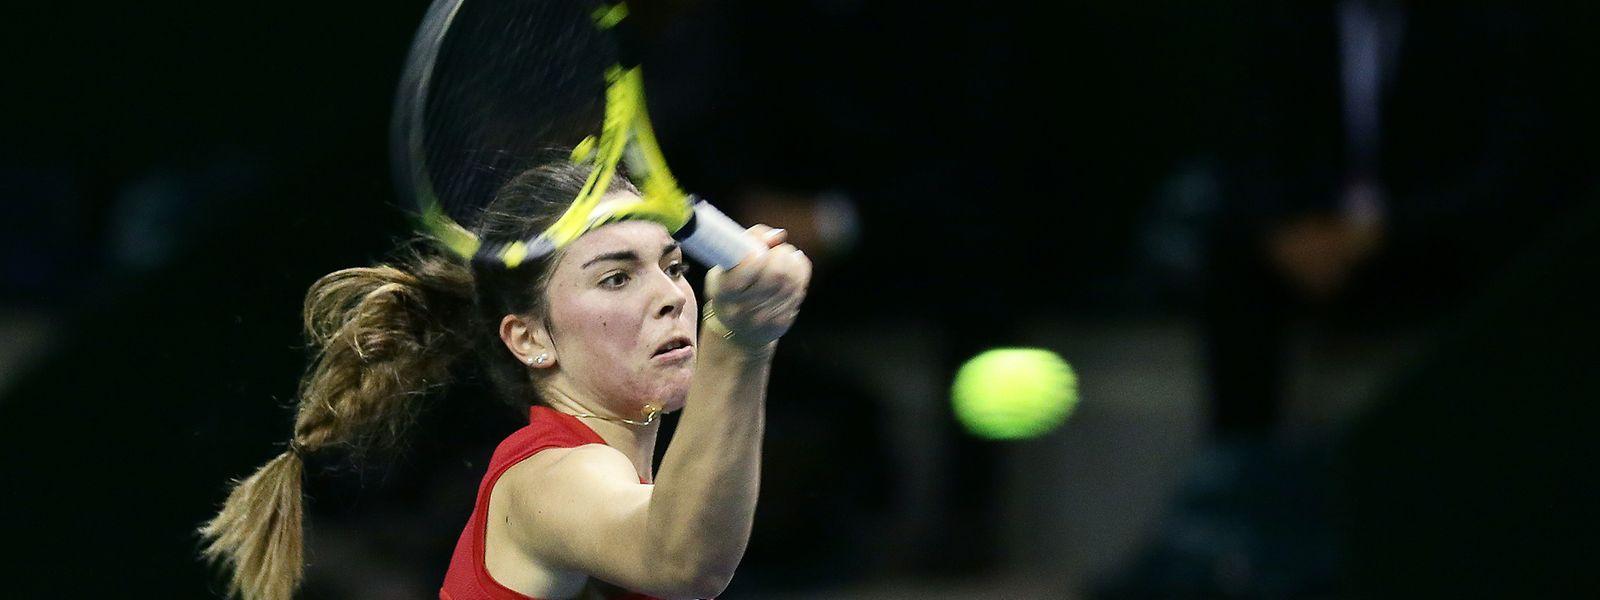 Eléonora Molinaro gewann den ersten Satz, ehe ihre Kontrahentin der Begegnung noch eine Wende gab.